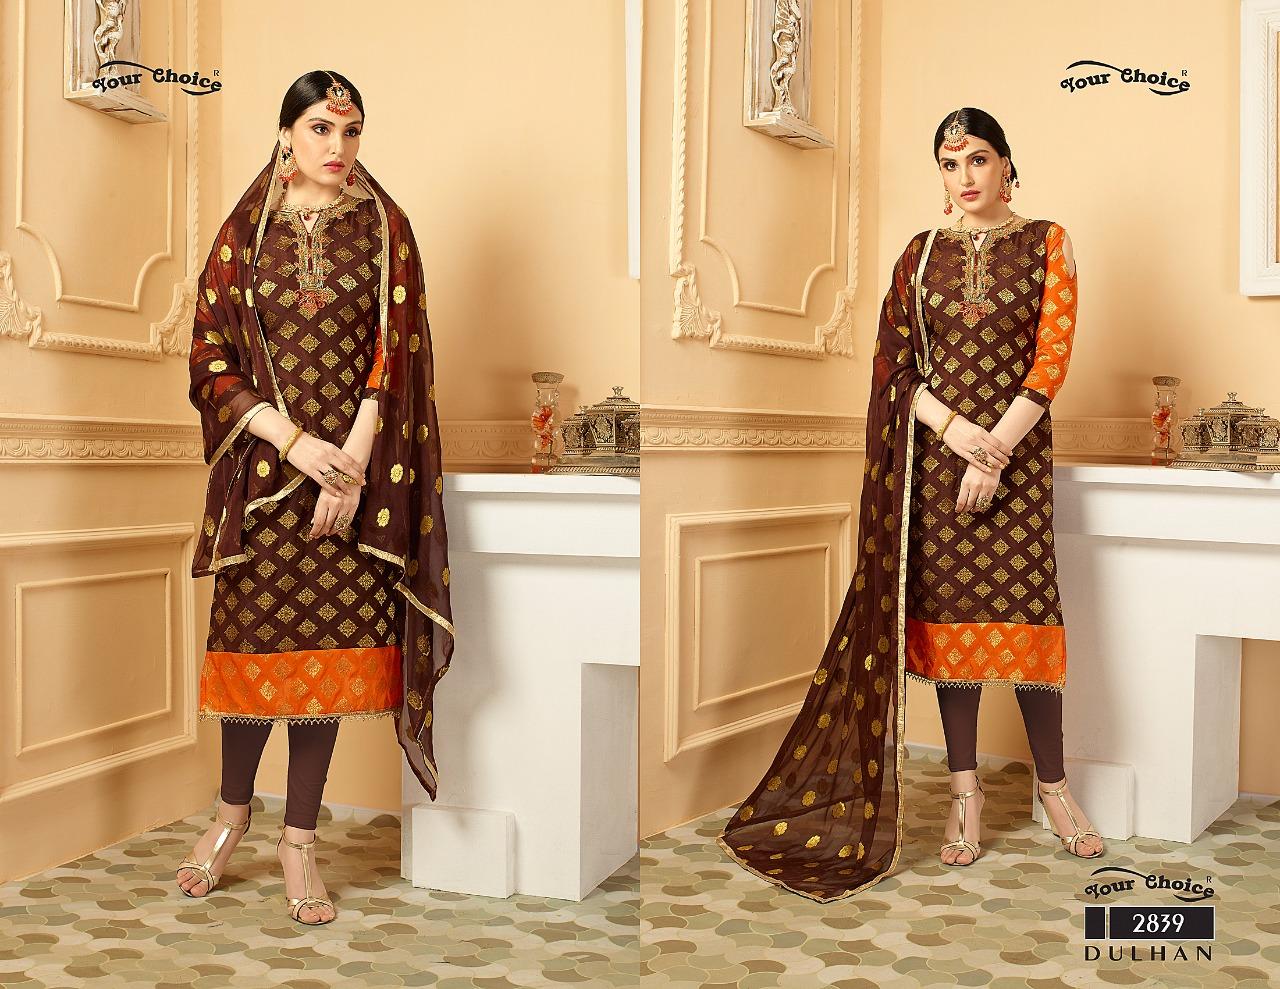 Your Choice Dulhan Pure Banarasi 2839